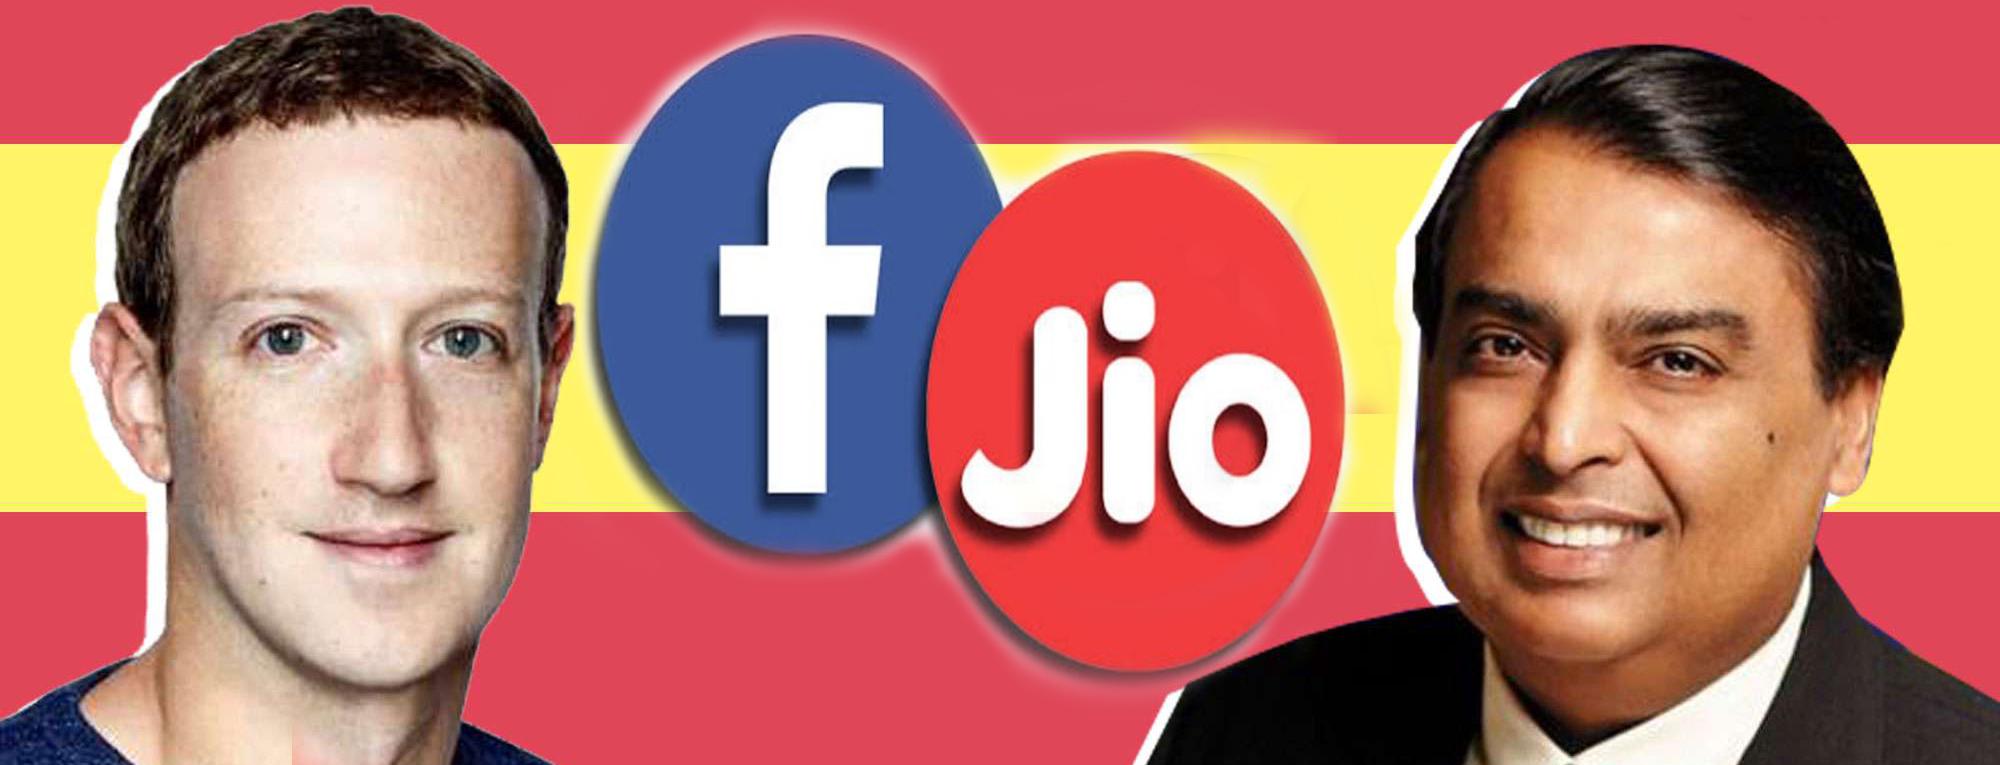 Facebook-Jio deal brings cheers to Indian industry in grim times ...